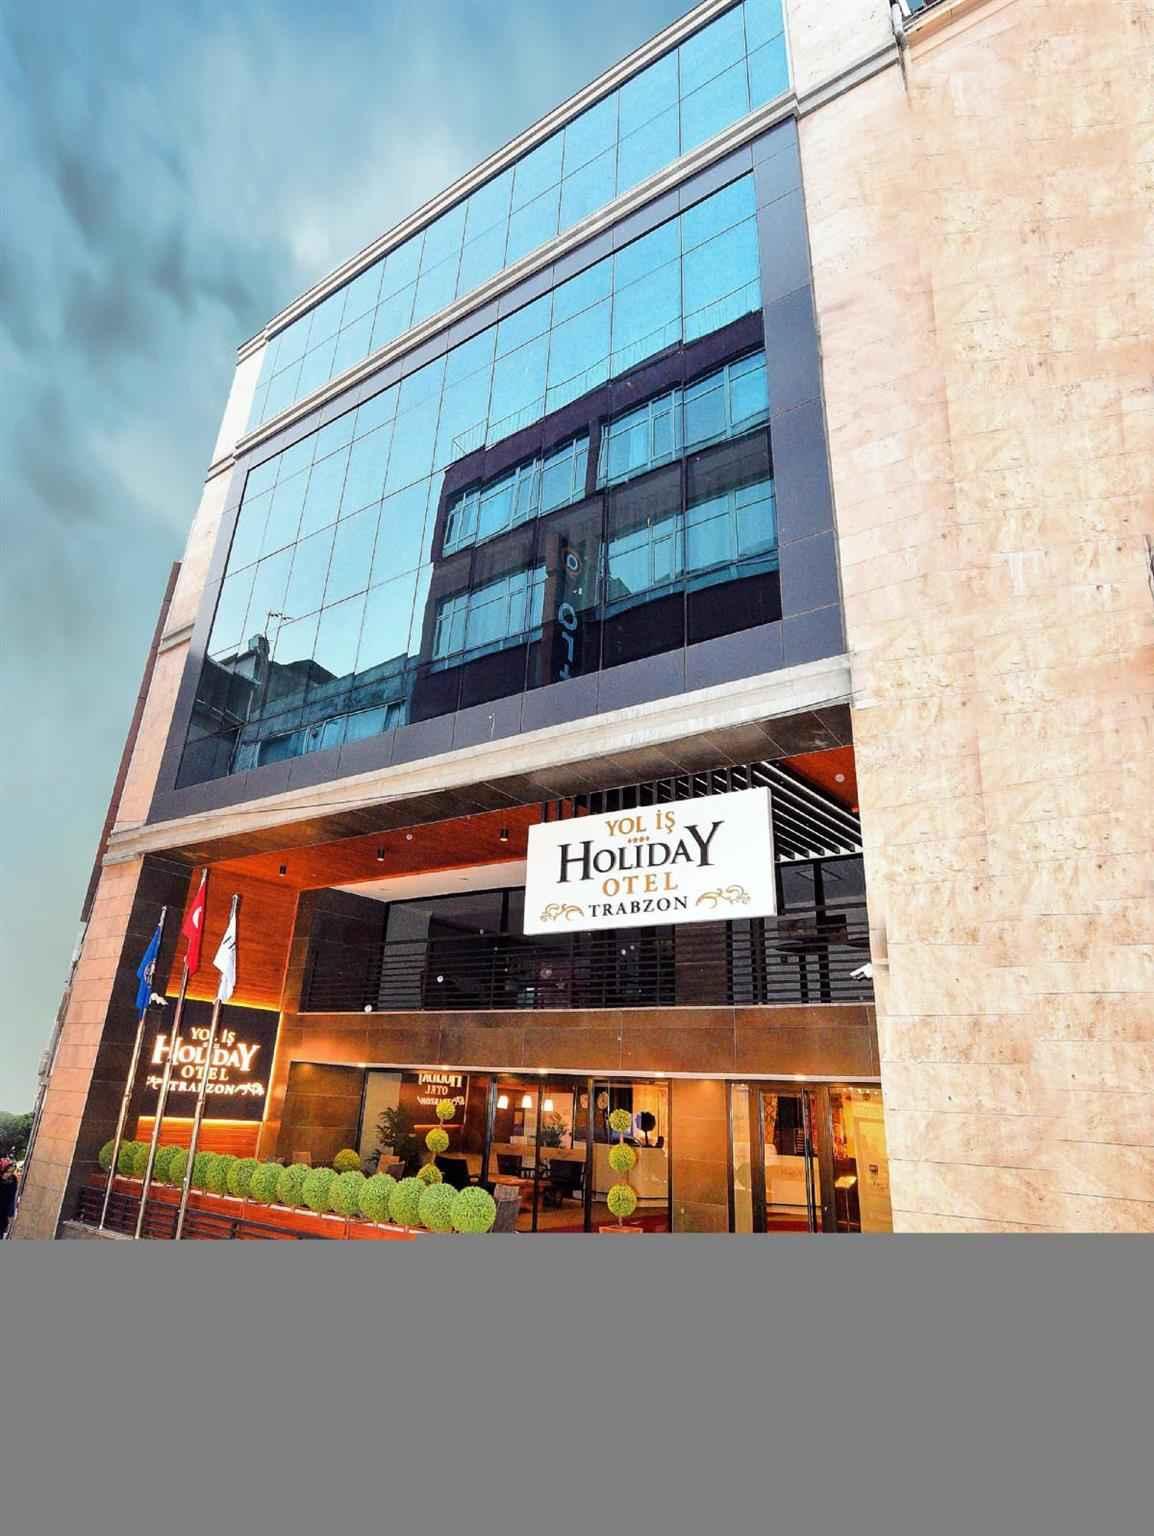 Yol İş Holiday Otel Trabzon